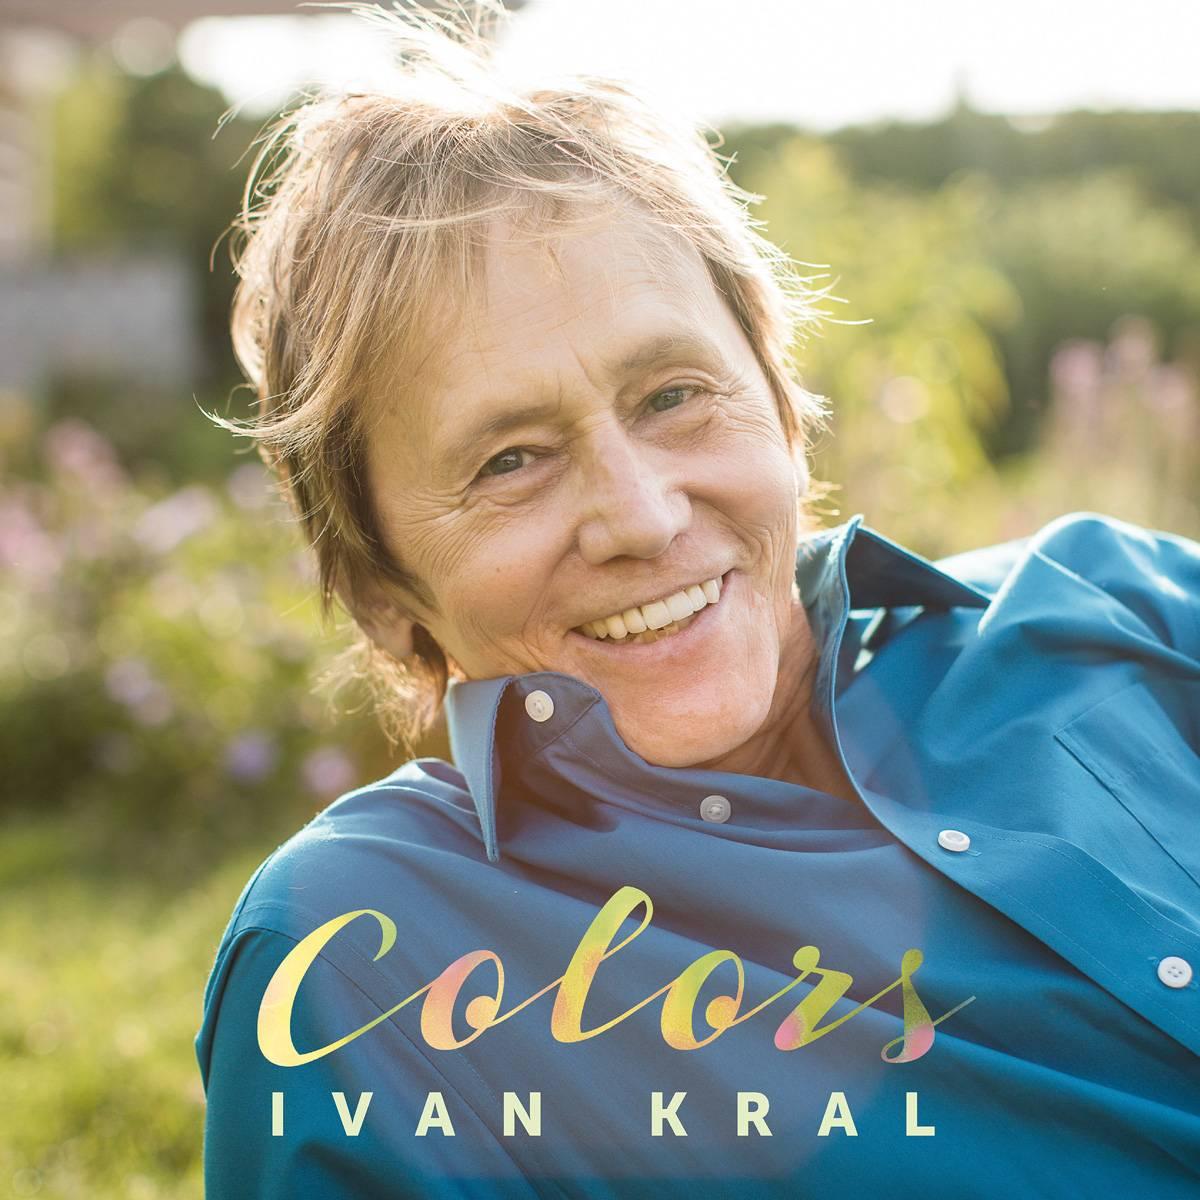 Ivan Král interview: Anděl strážný stál vždy při mně